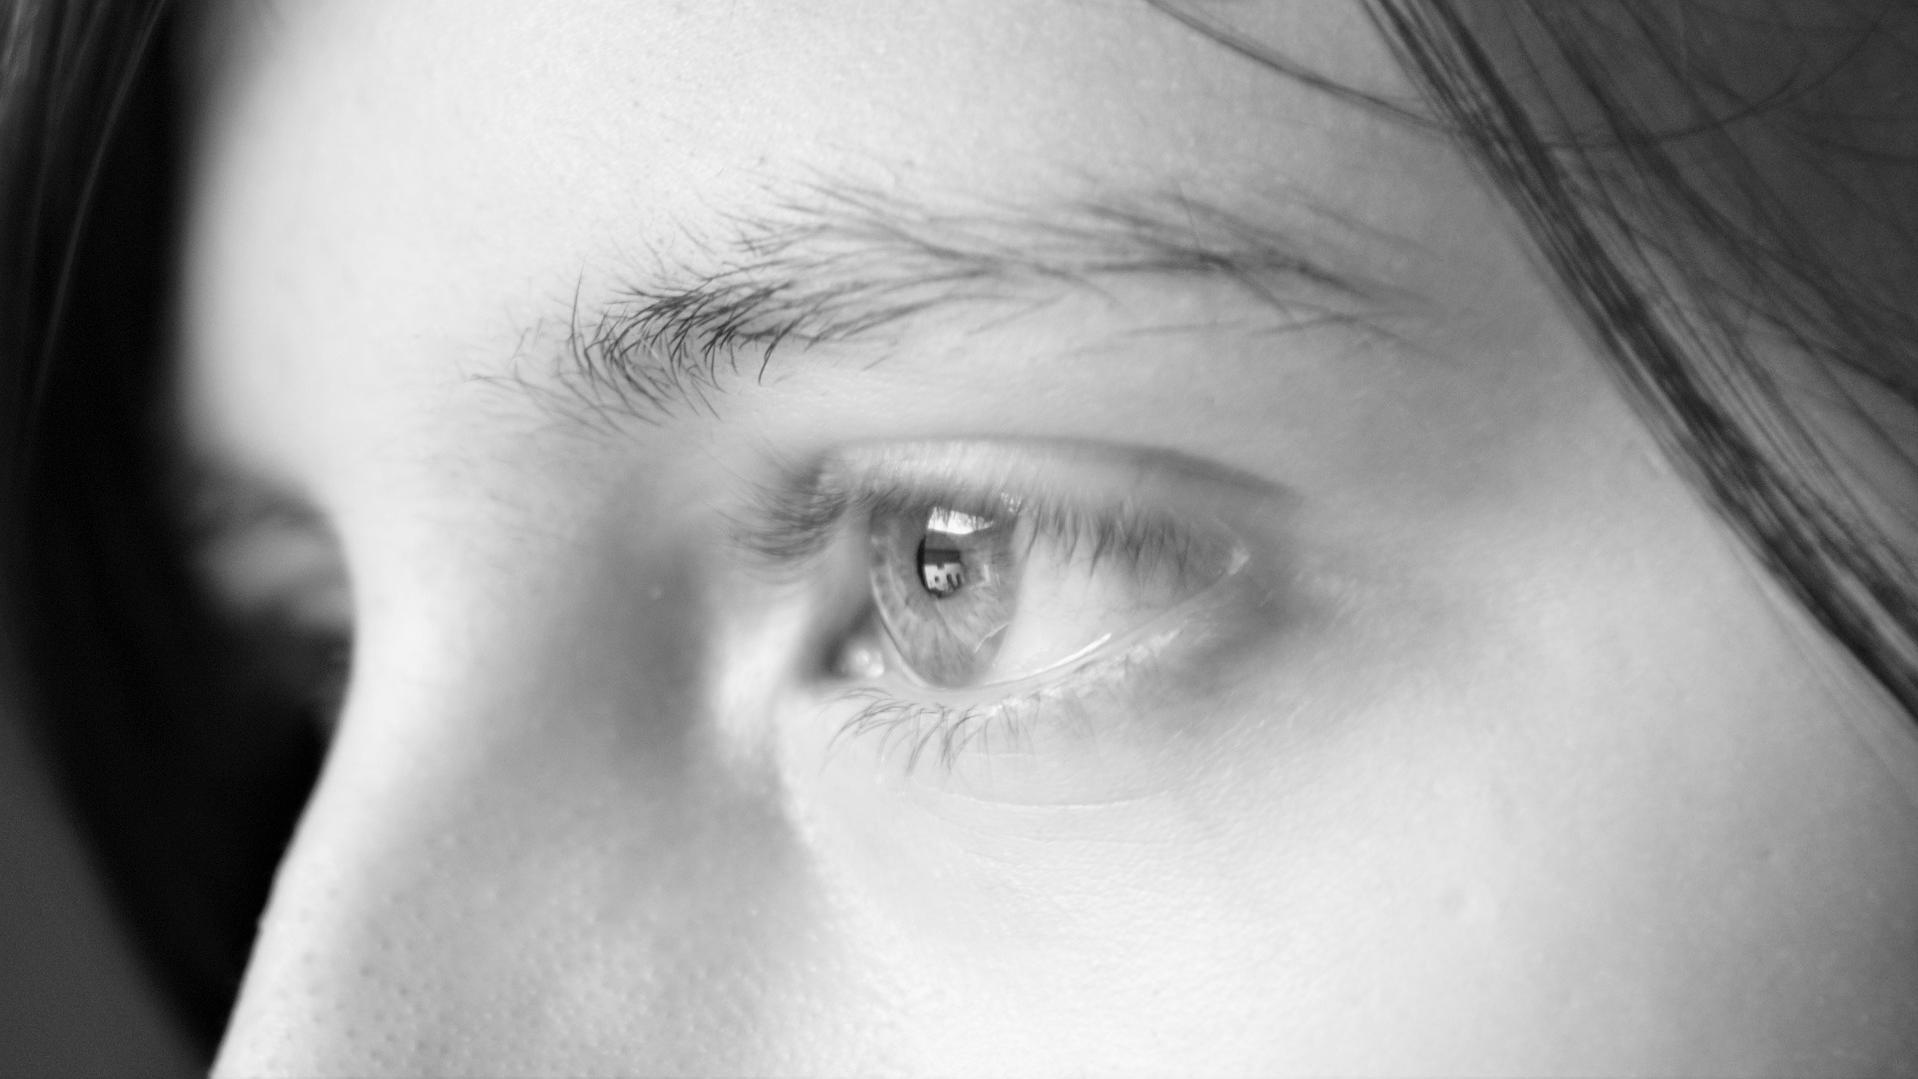 Weiße Punkte im Gesicht - Milien entstehen meist um die Augen und auf den Wangen